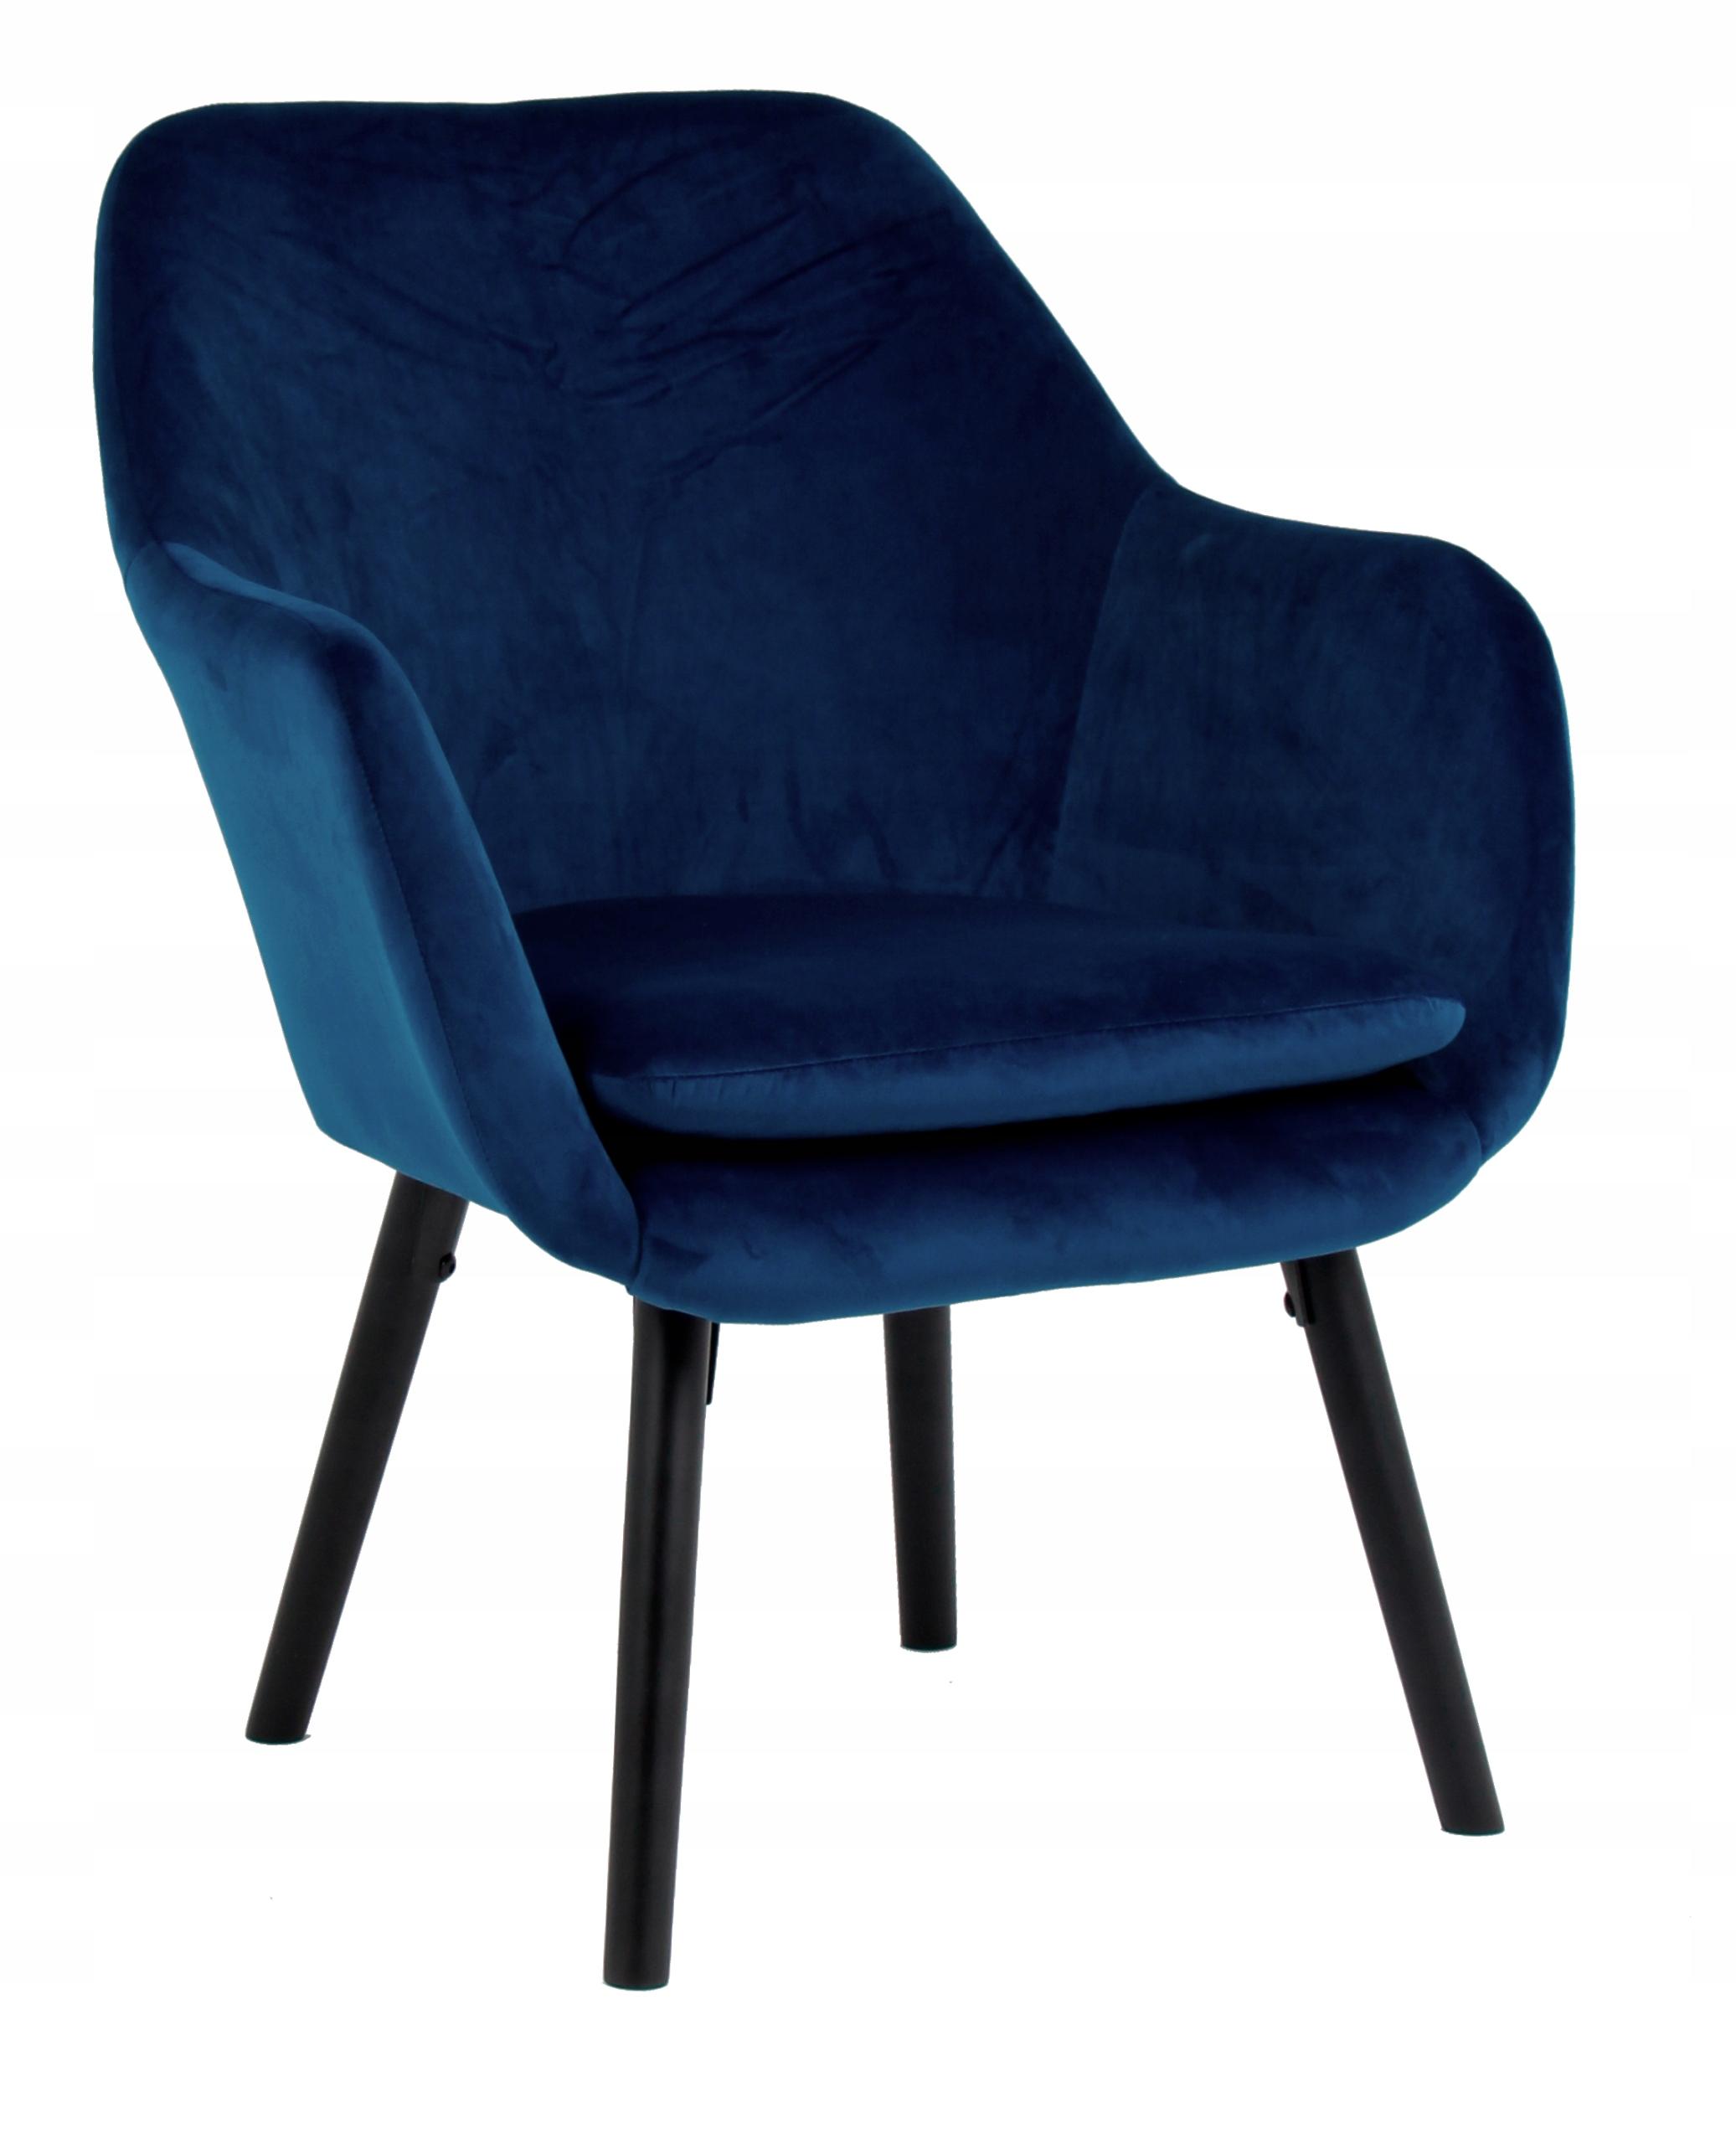 Fotel tapicerowany Boston 2 ciemny niebieski